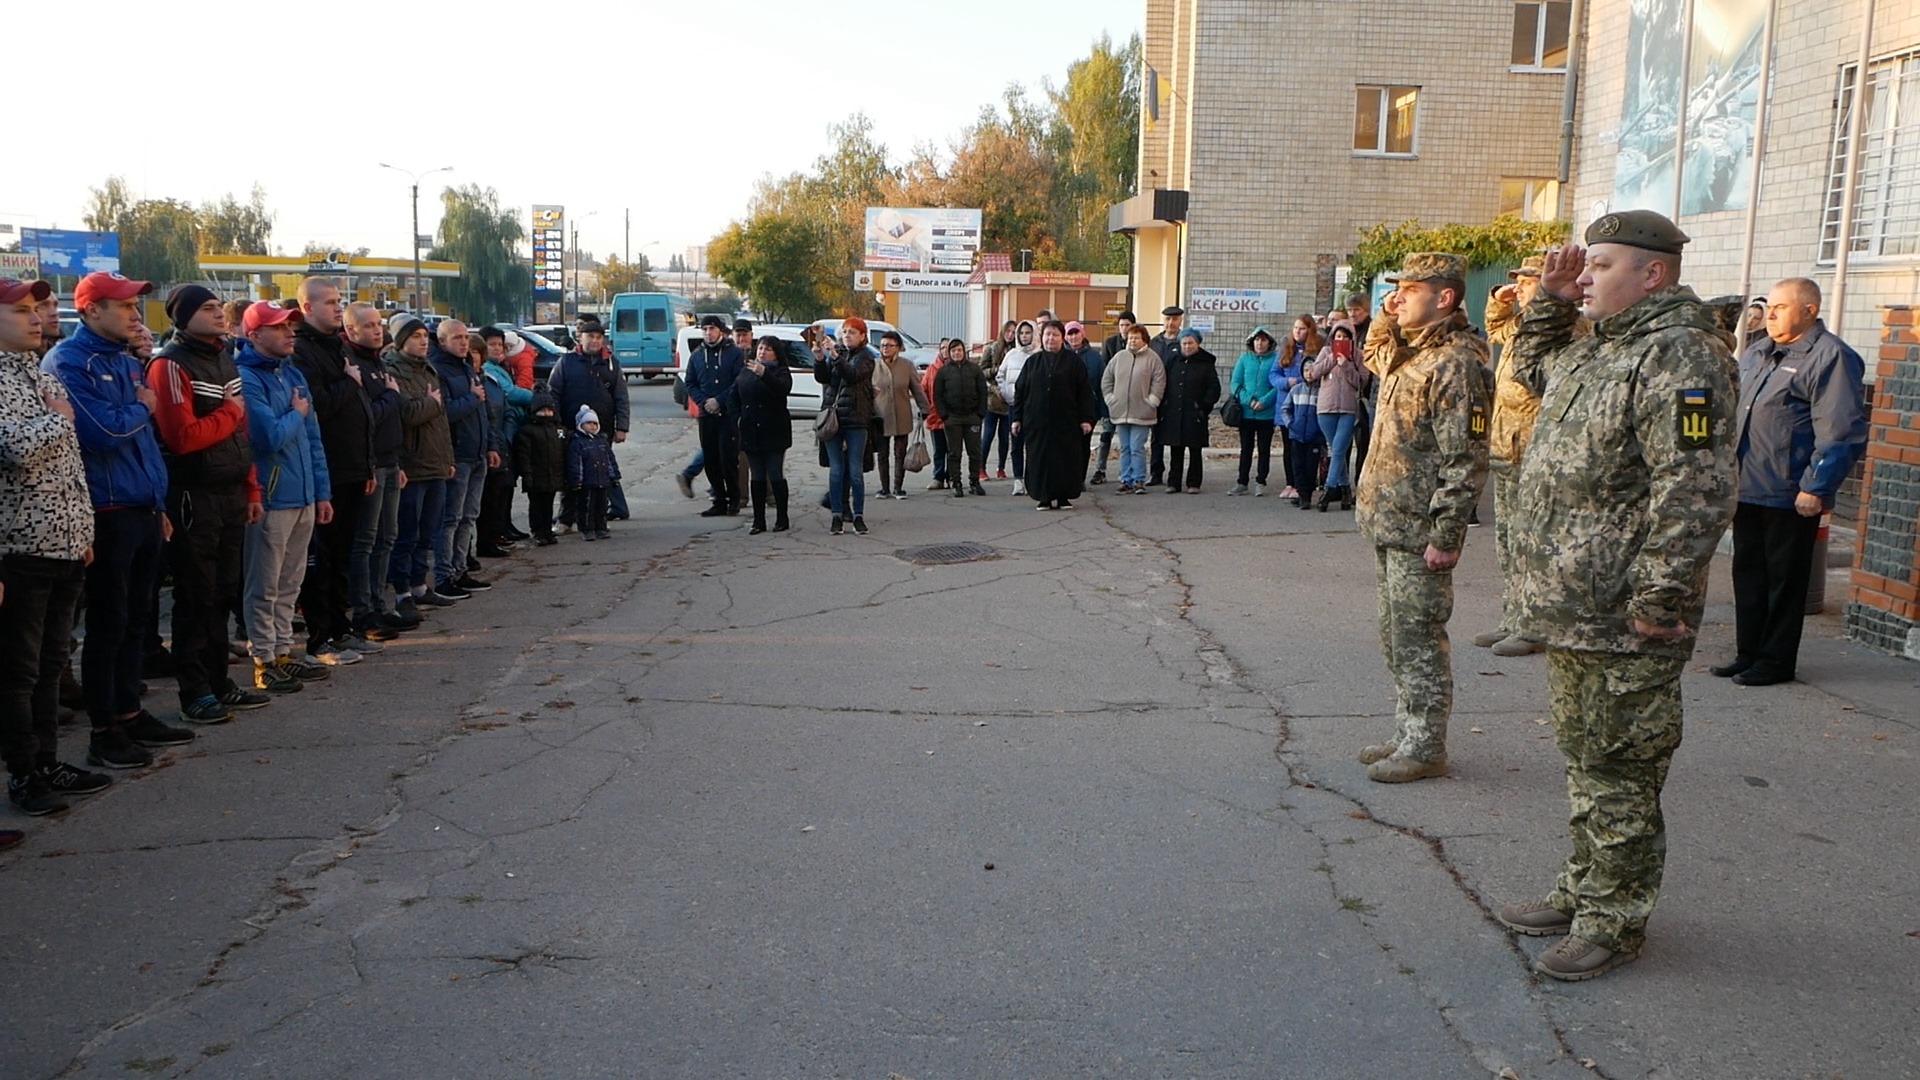 Осінній призов: у Білій Церкві відправили юнаків служити до війська - ЗСУ, Біла Церква - imgbig 1 2